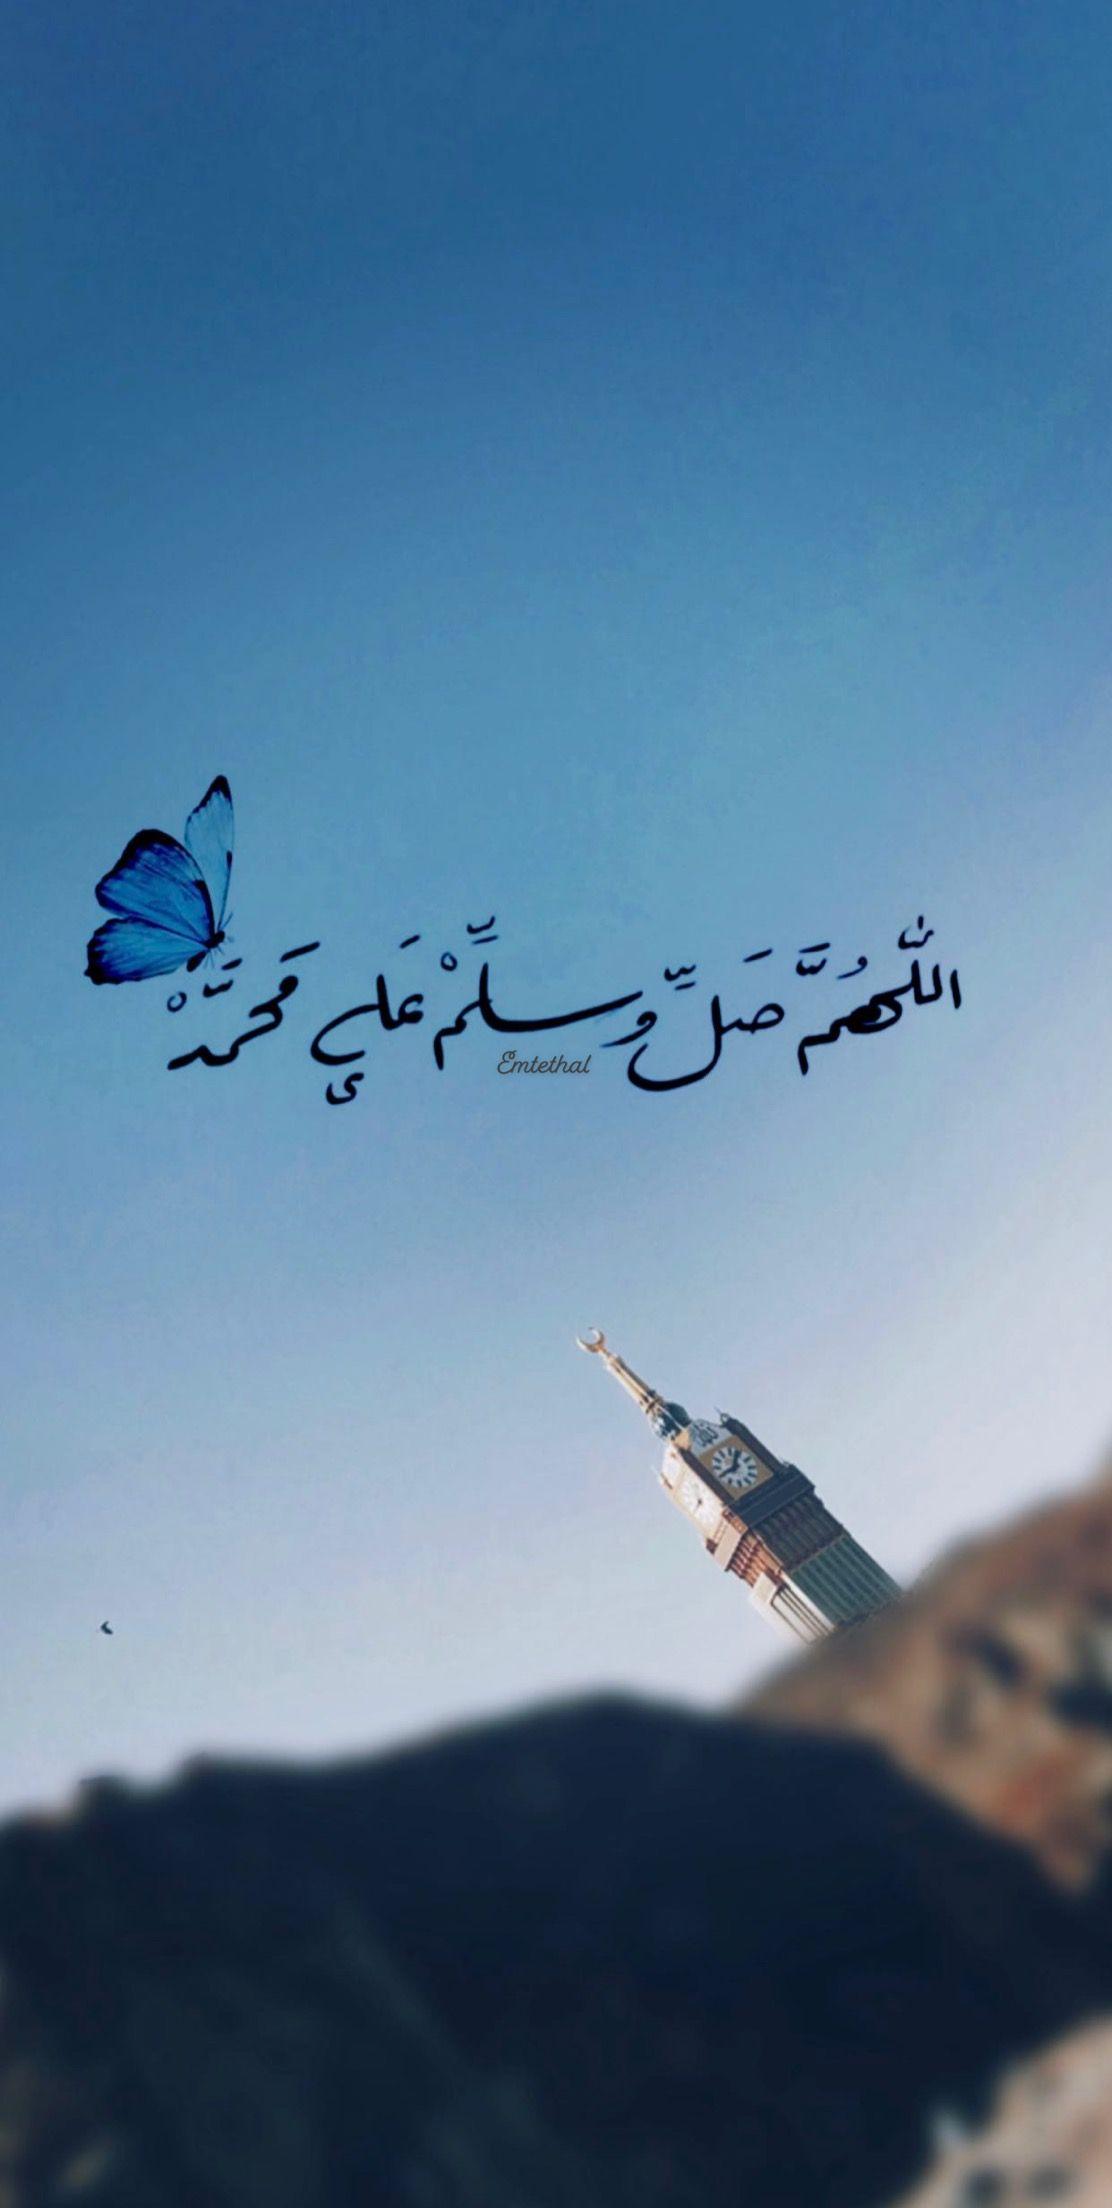 اللهم صل وسلم على حبيبنا محمد Islamic Love Quotes Quran Quotes Mountain Landscape